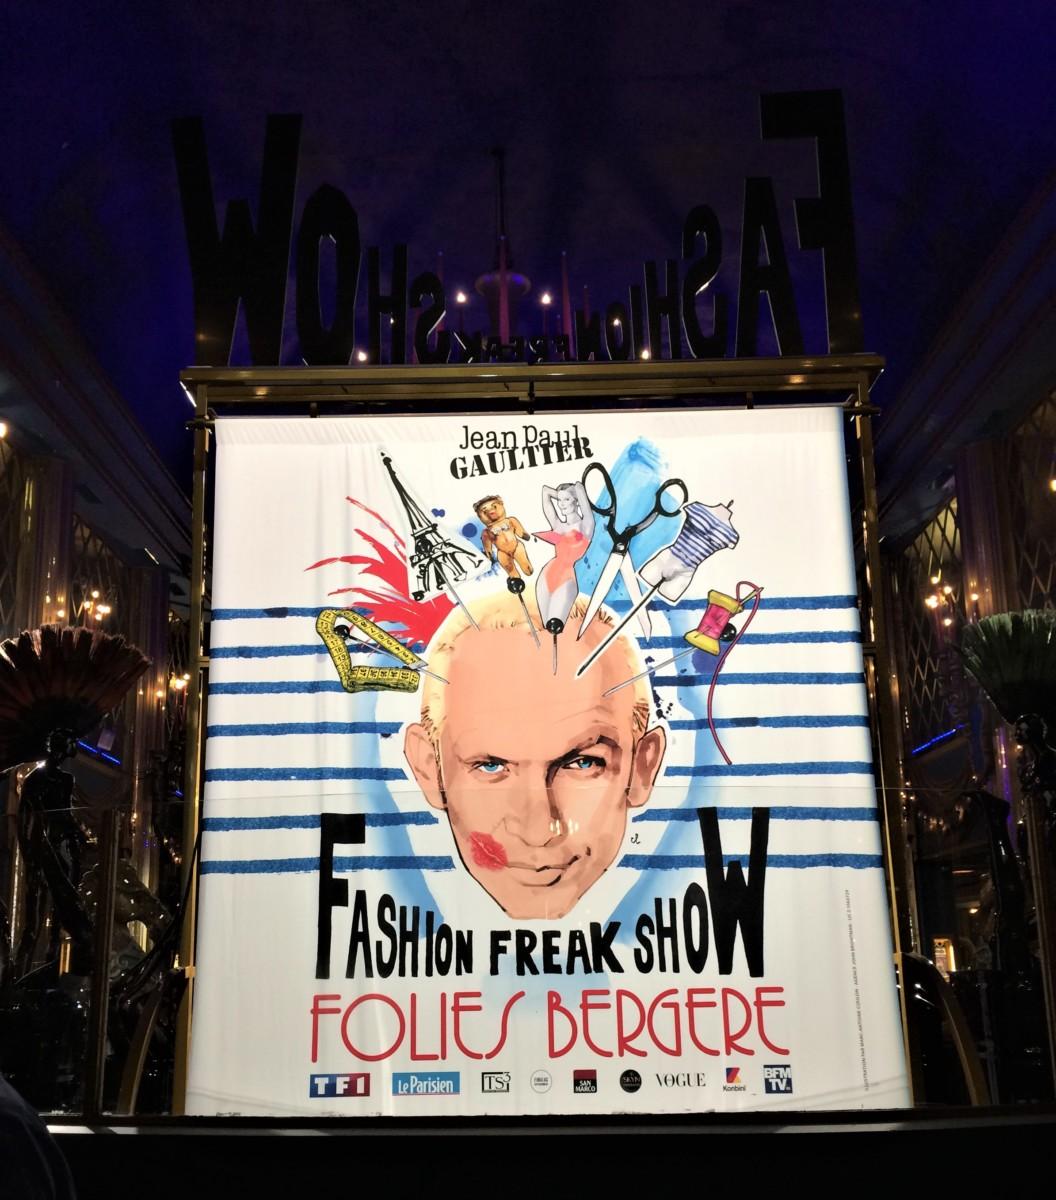 The Fashion Freak Show JPG - Fashion Freak show : inévitable pour les fans de JPG !